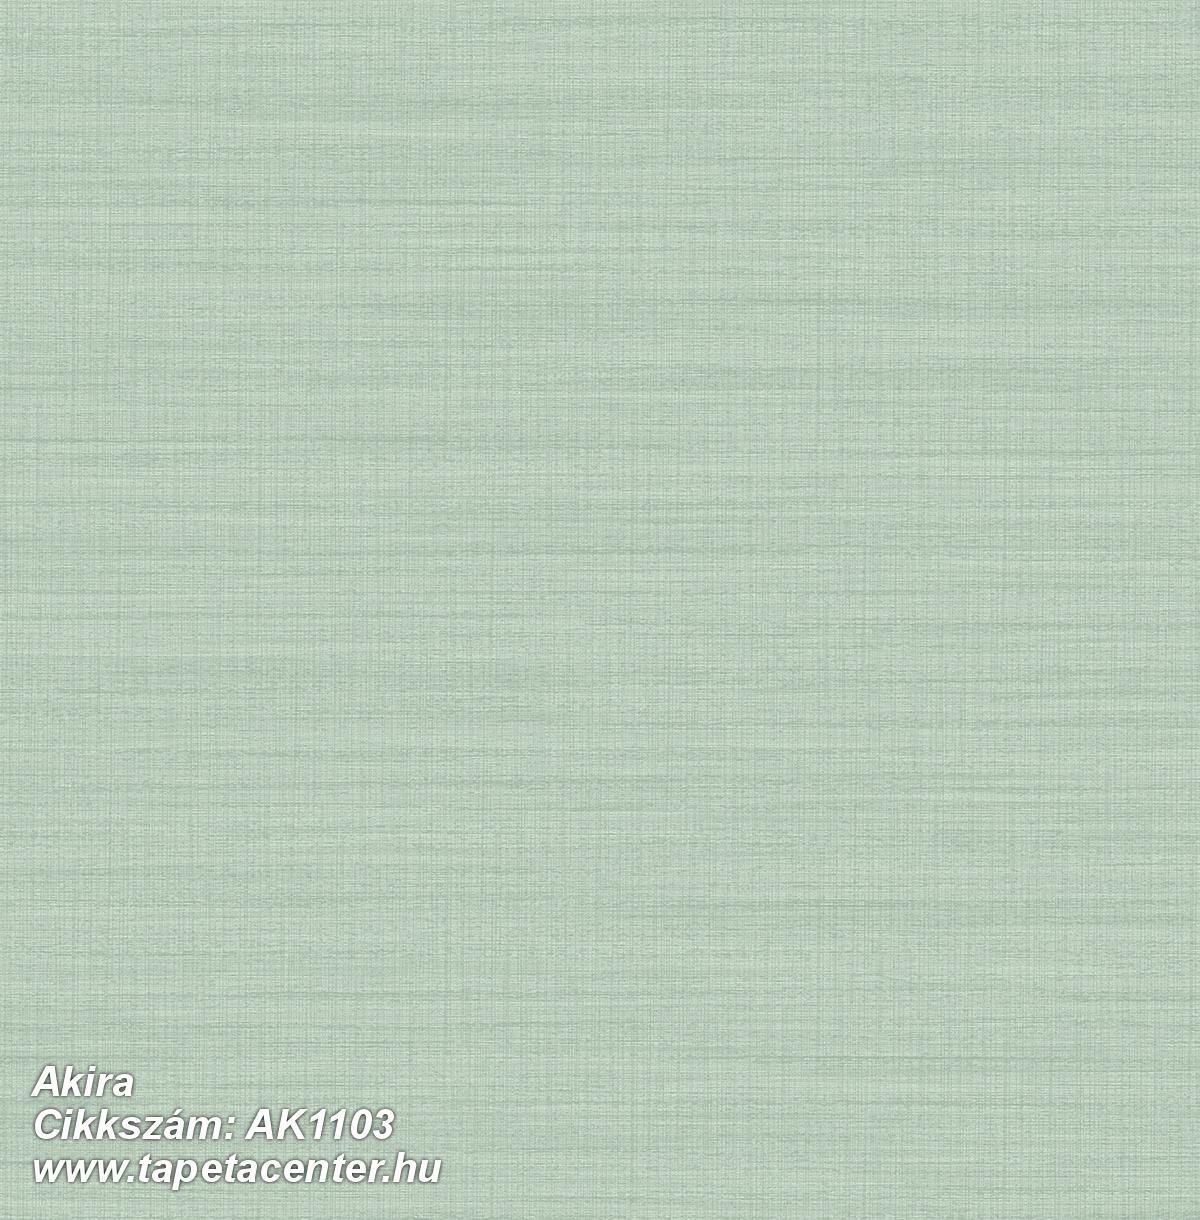 Egyszínű,különleges felületű,türkiz,zöld,lemosható,vlies tapéta